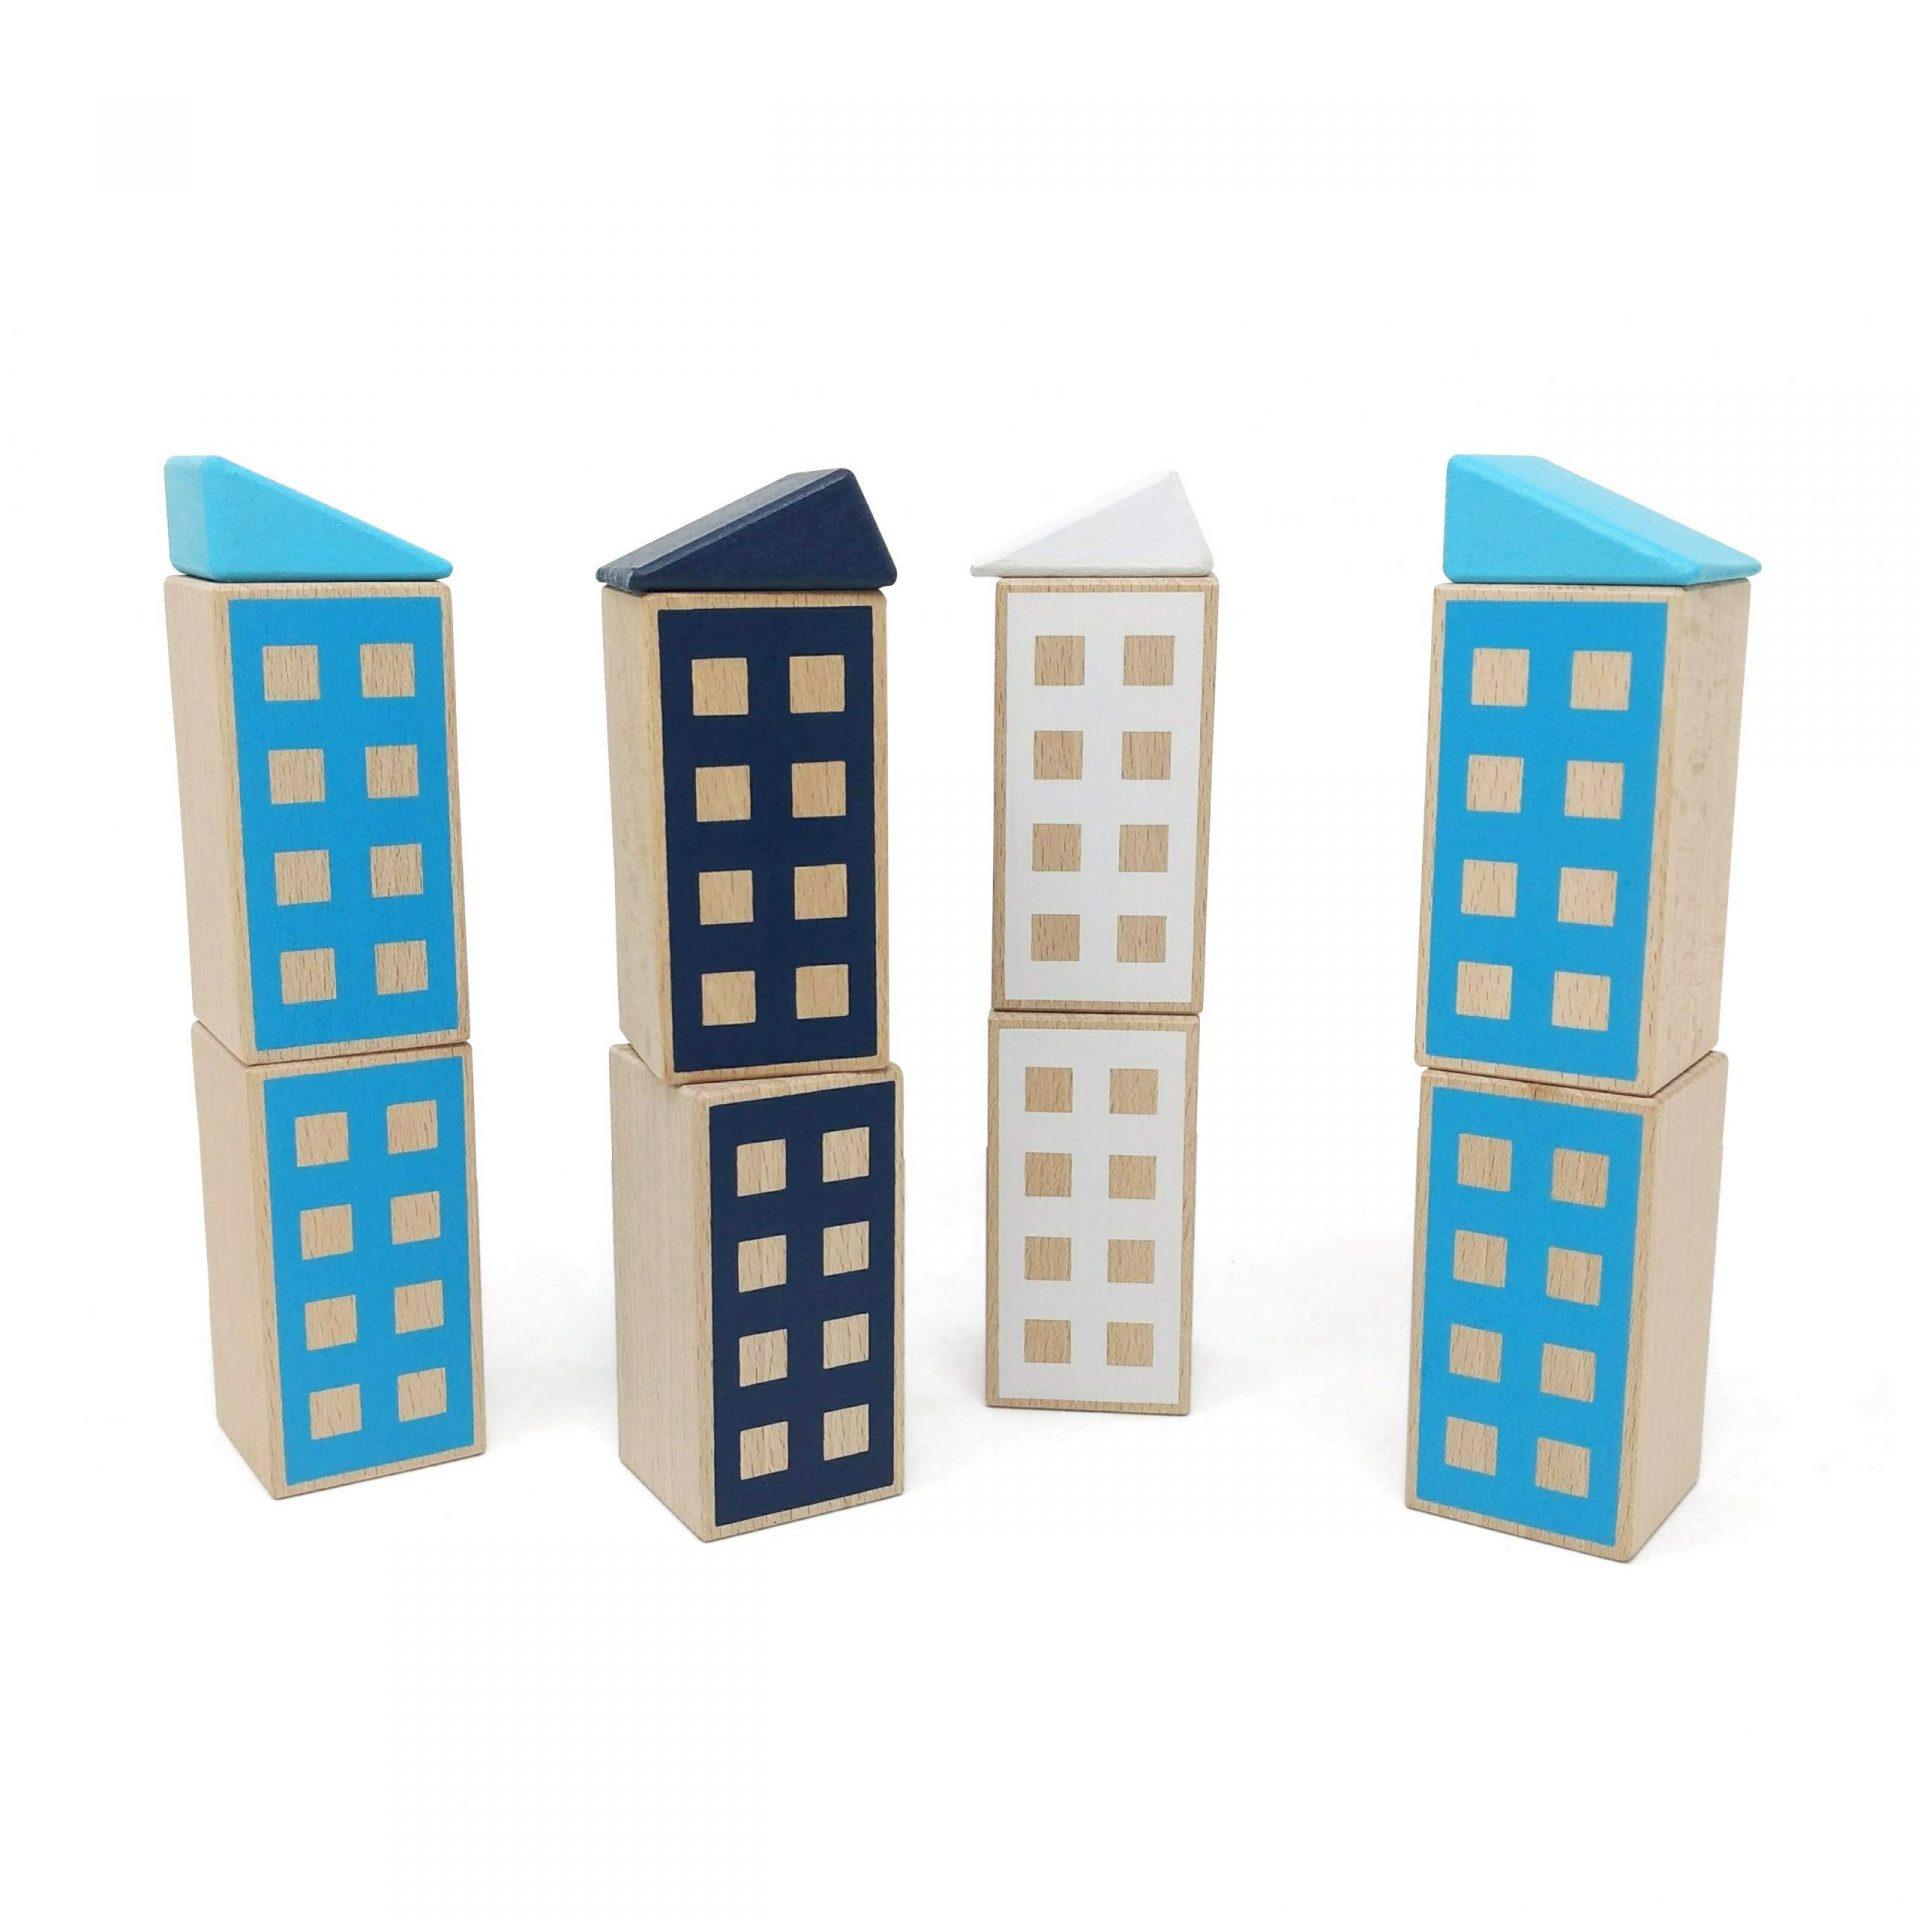 Juego de construir edificios: azul claro, azul oscuro y blanco